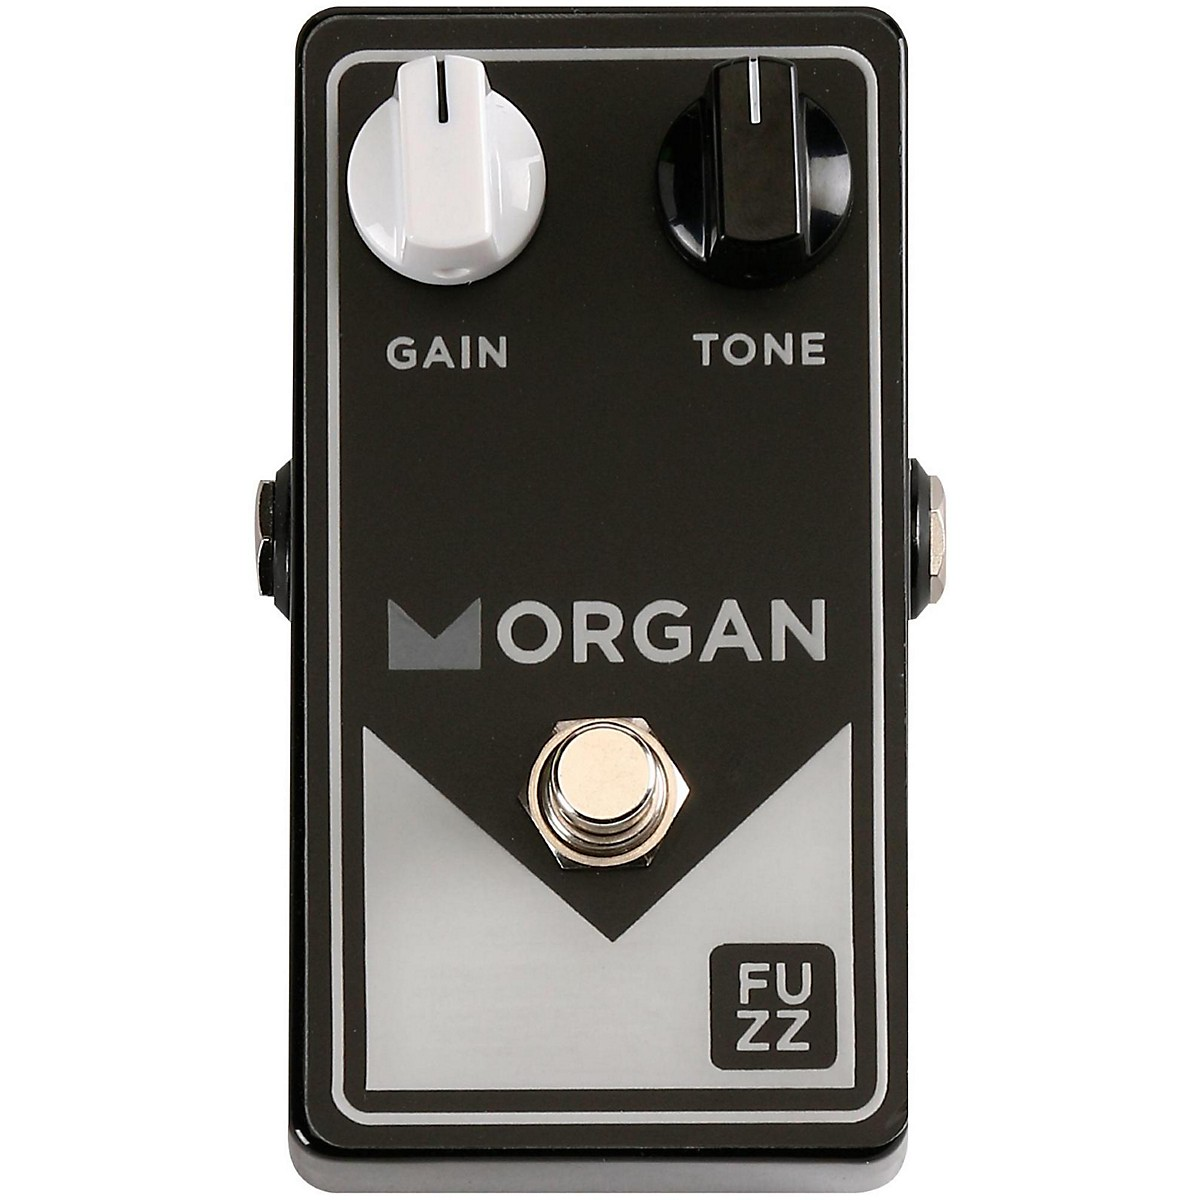 Morgan Fuzz Pedal